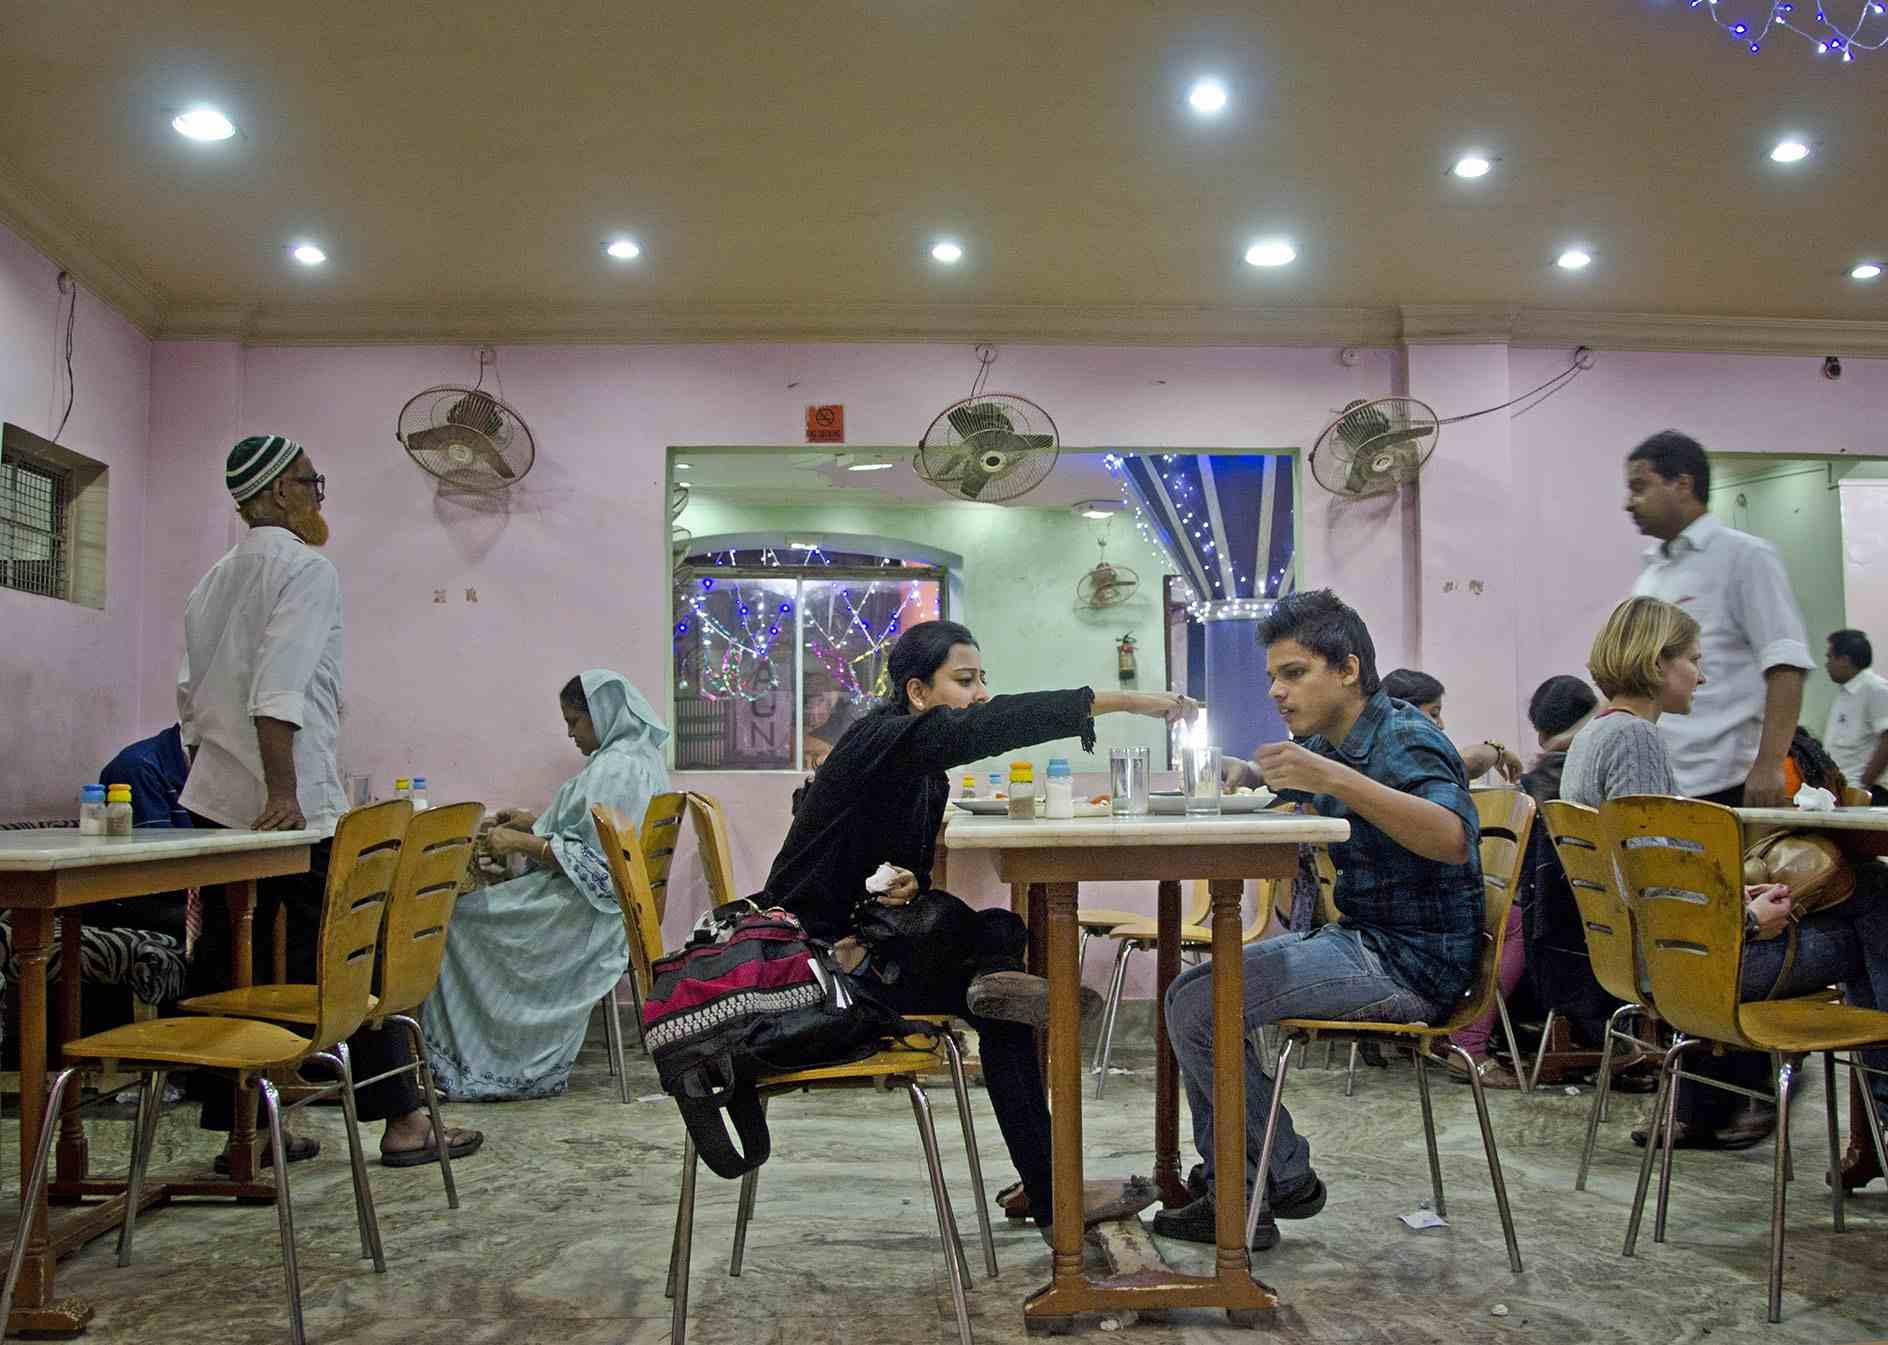 Restaurante de Nizam, Kolkata